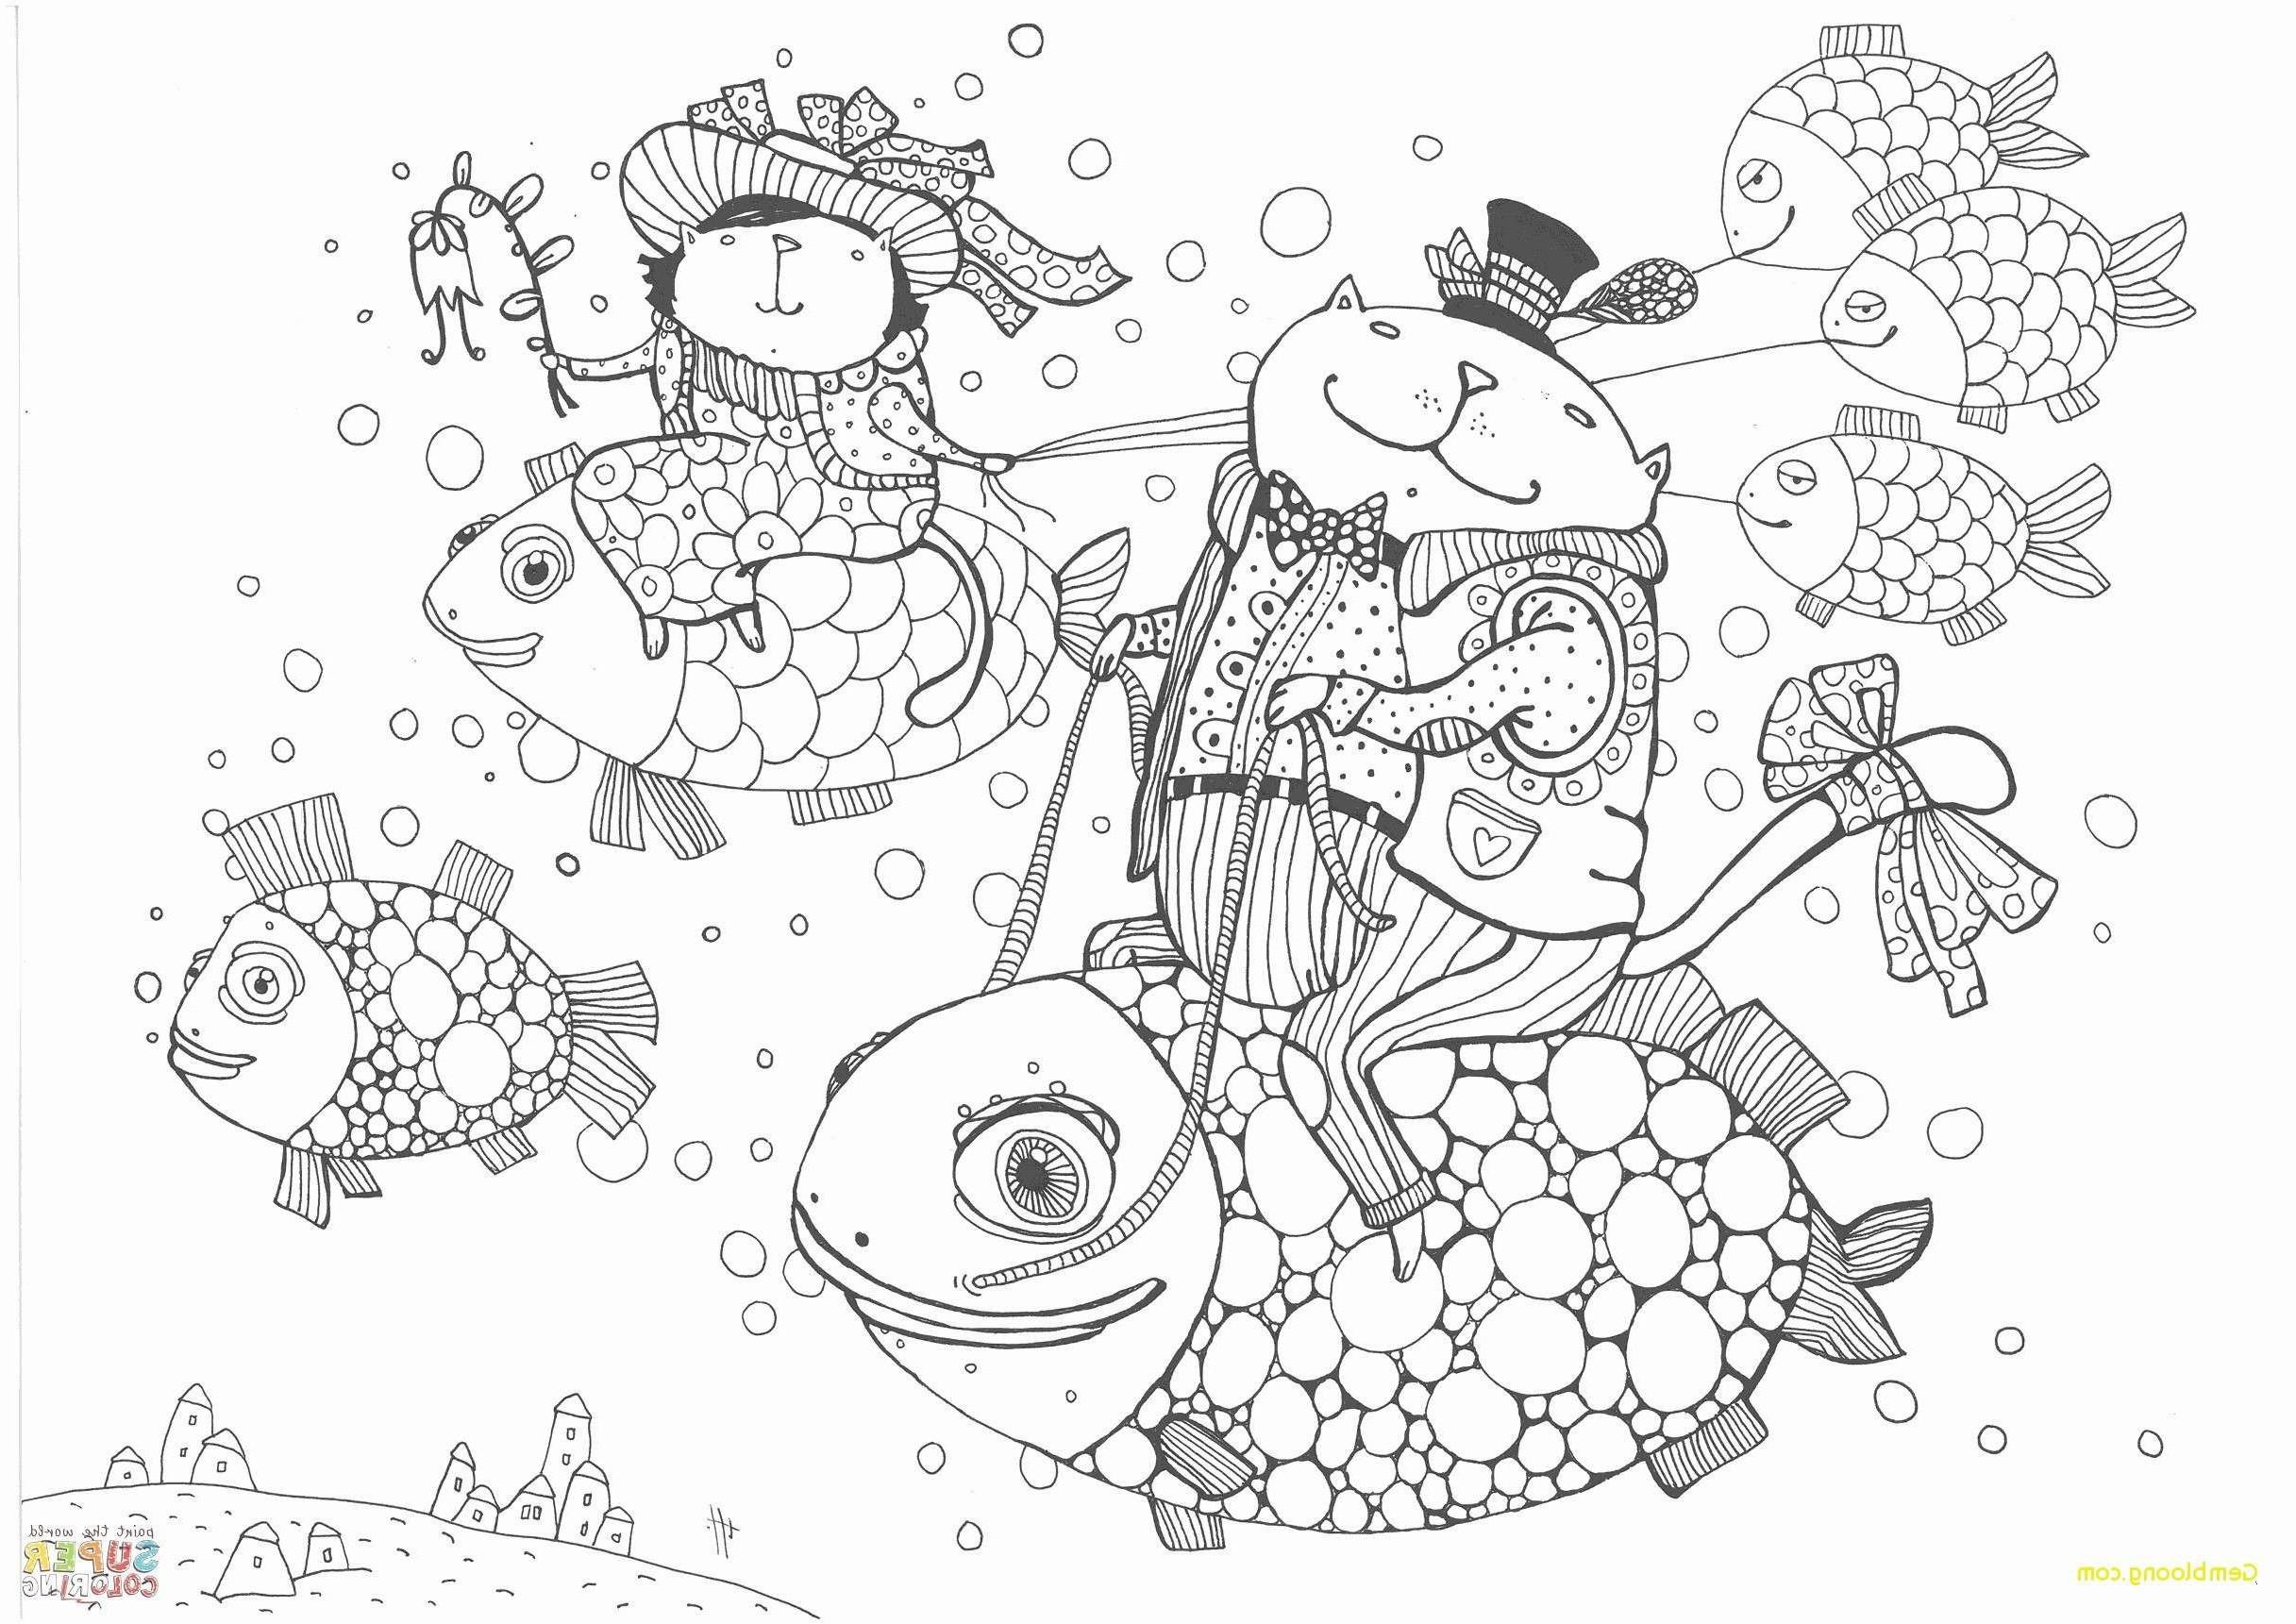 Ausmalbilder Weihnachten Mandala Das Beste Von 33 Beste Von Ausmal – Malvorlagen Ideen Fotos